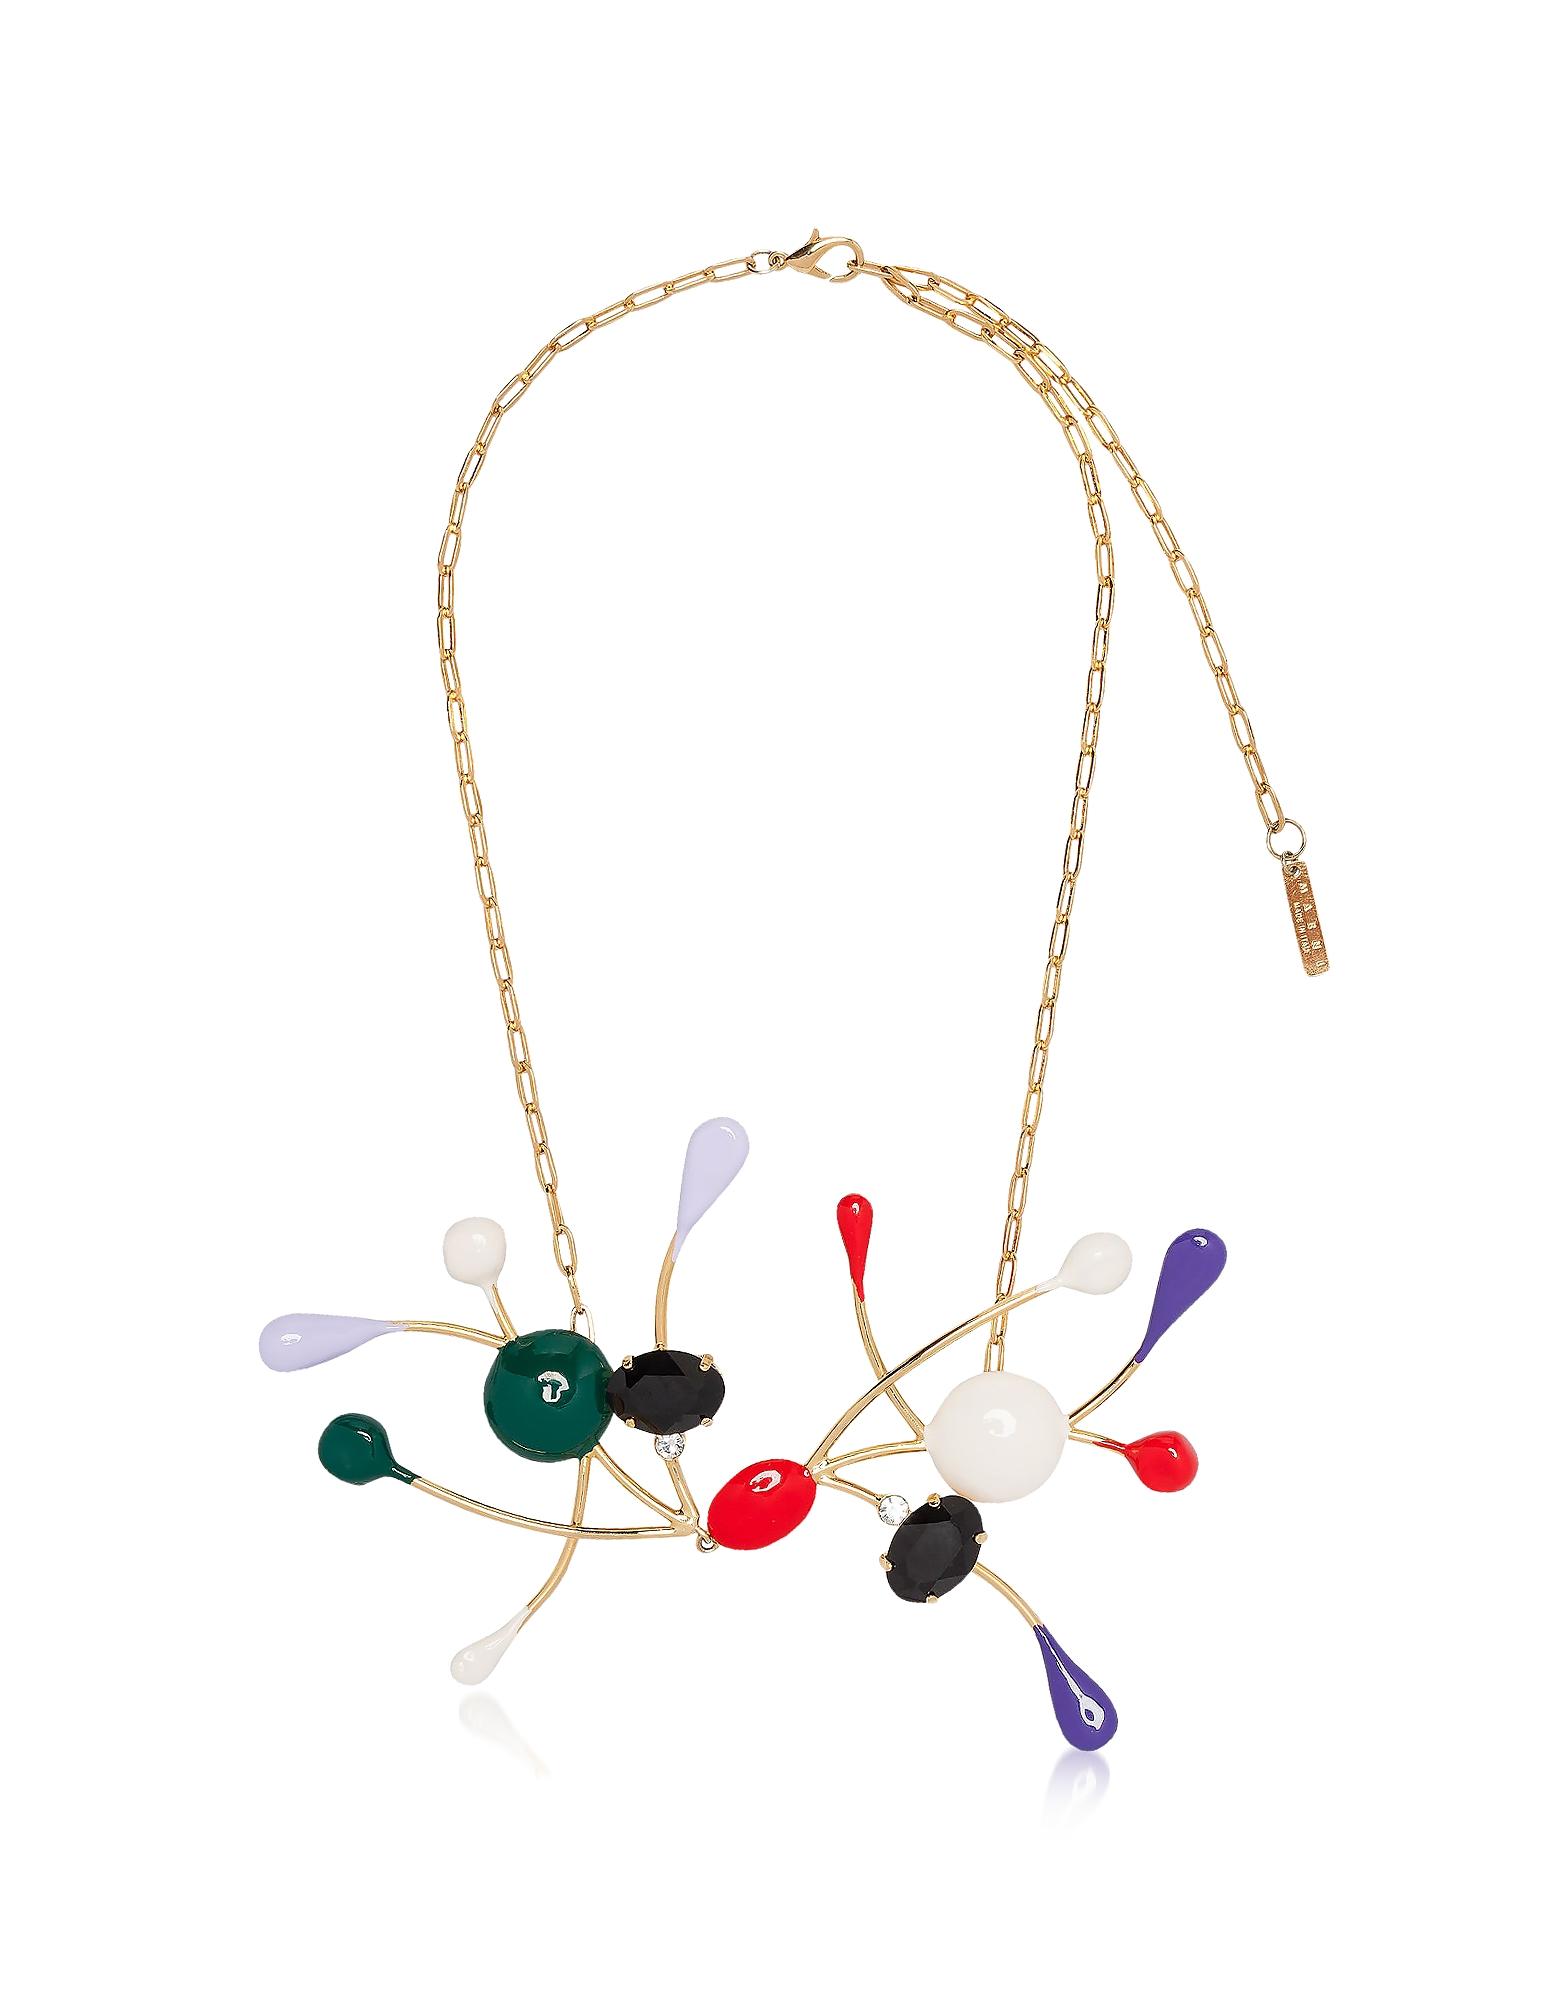 Ожерелье из Золотистого Металла и Эмали с Разноцветными Стеклянными Камнями и Хрусталем Marni